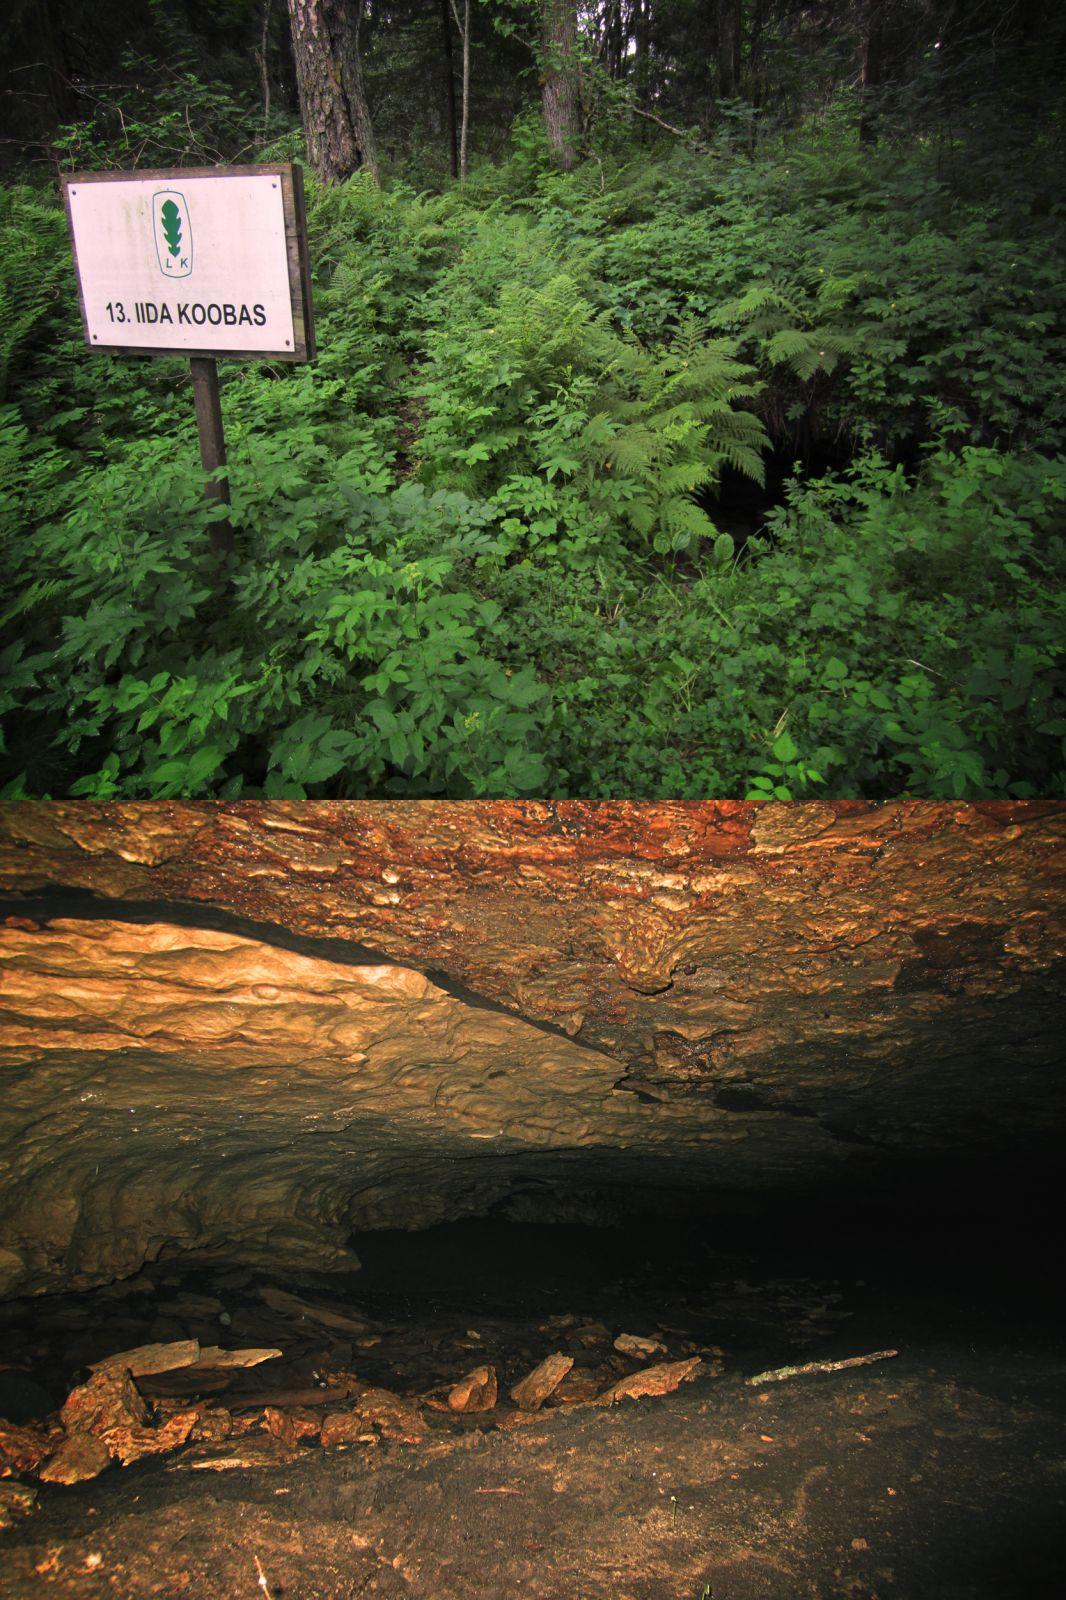 Iida koobas